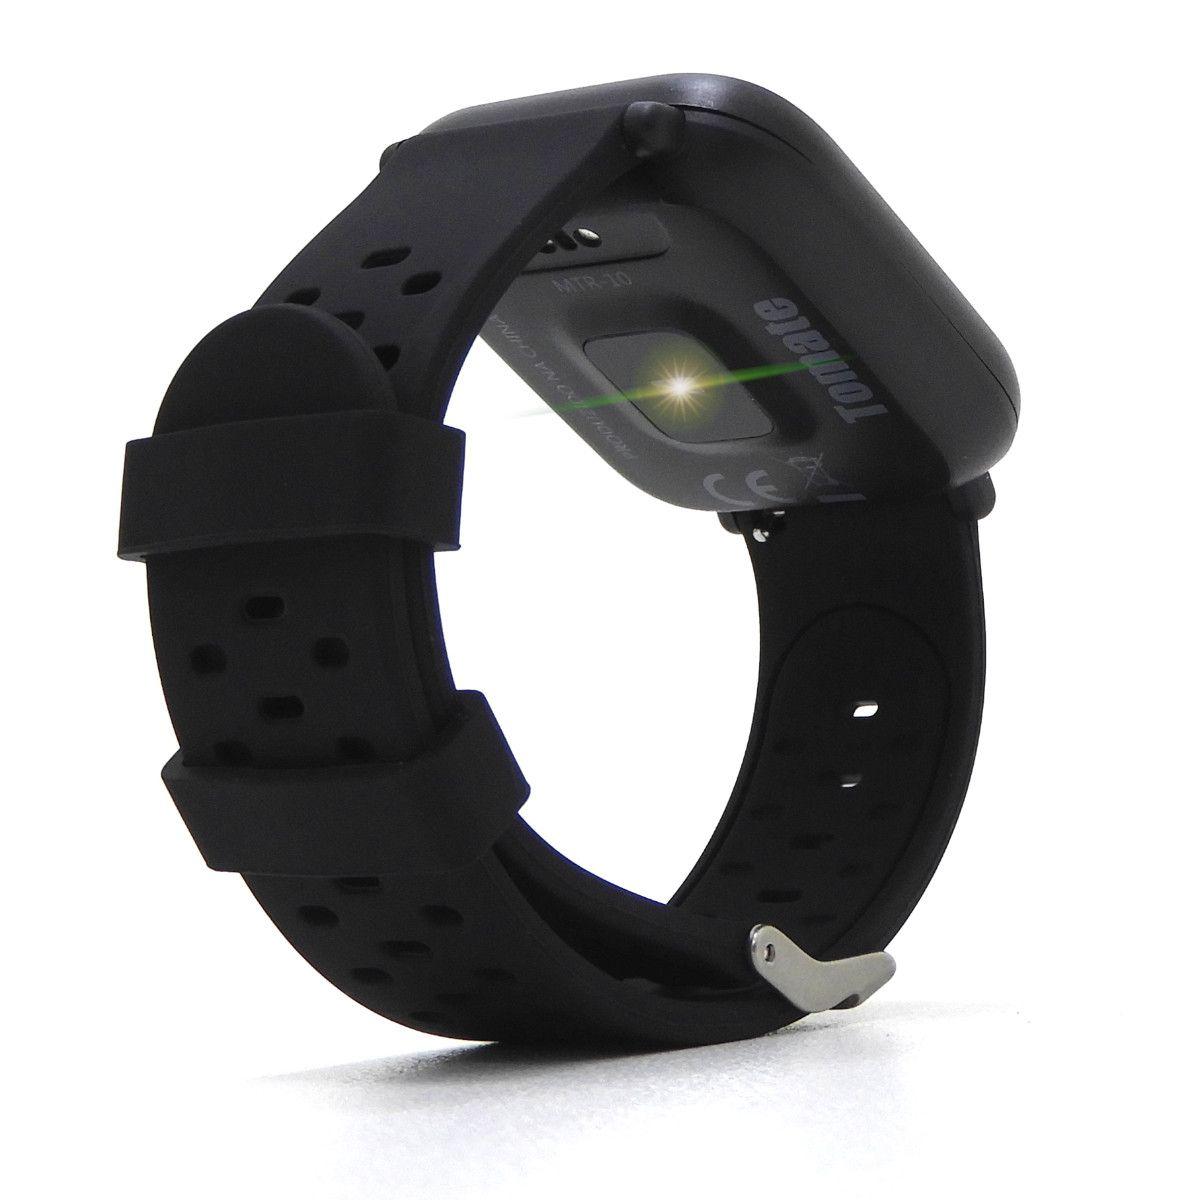 Smartwatch Para IOS e Android Multifunções Tomate MTR-10 - Preto